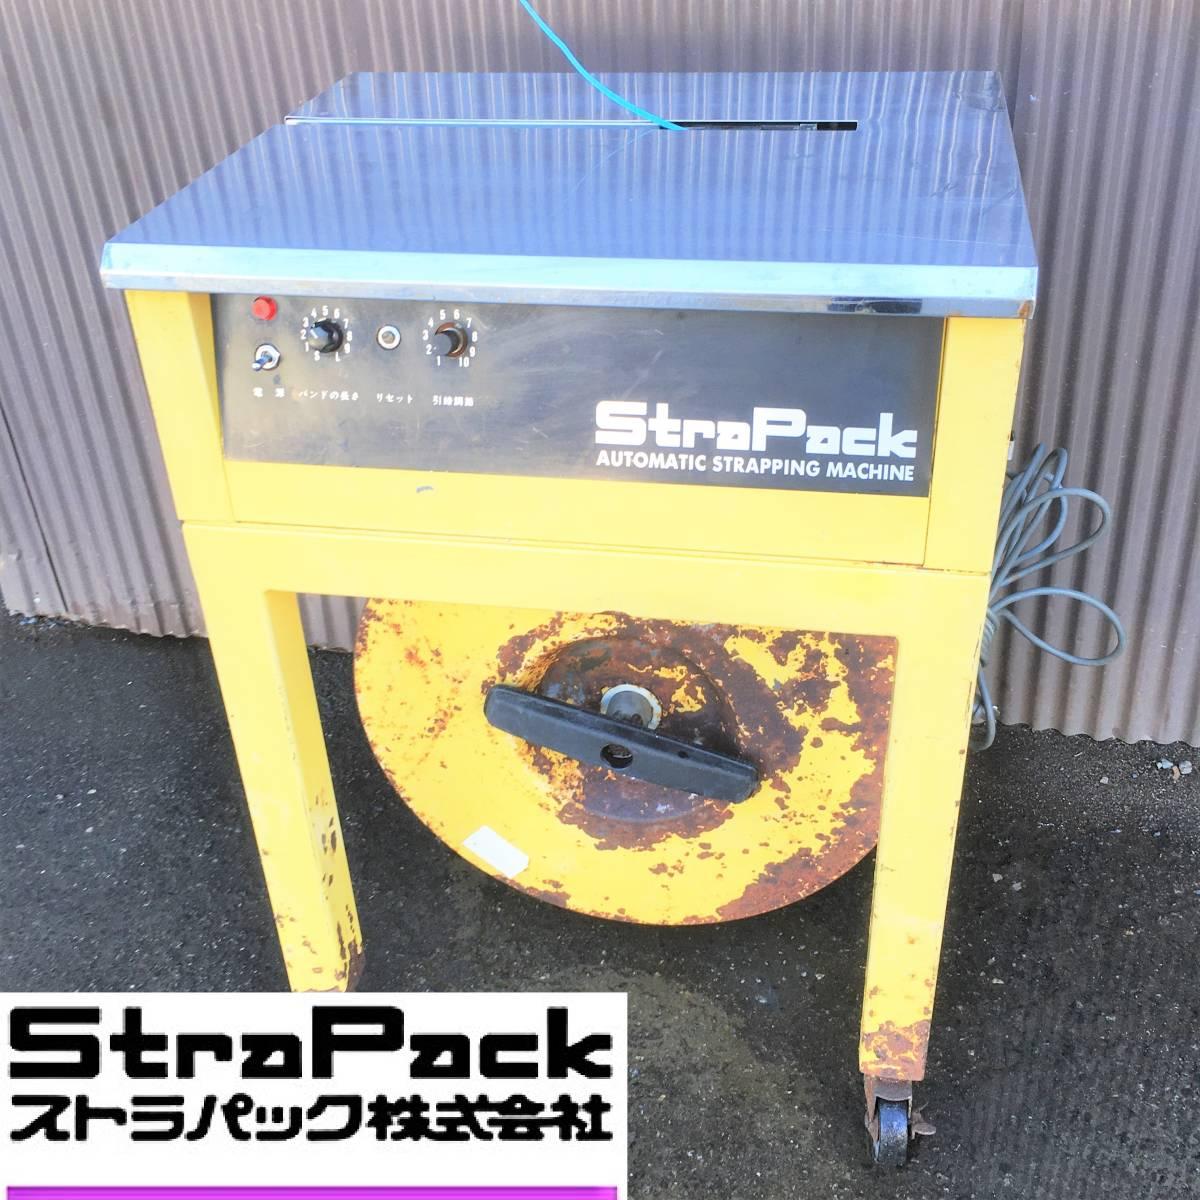 ストラパック/半自動梱包機/バンド結束機/S-662A/PPバンド付/キャスター付き可動式/梱包作業/StraPack/倉庫内_画像1